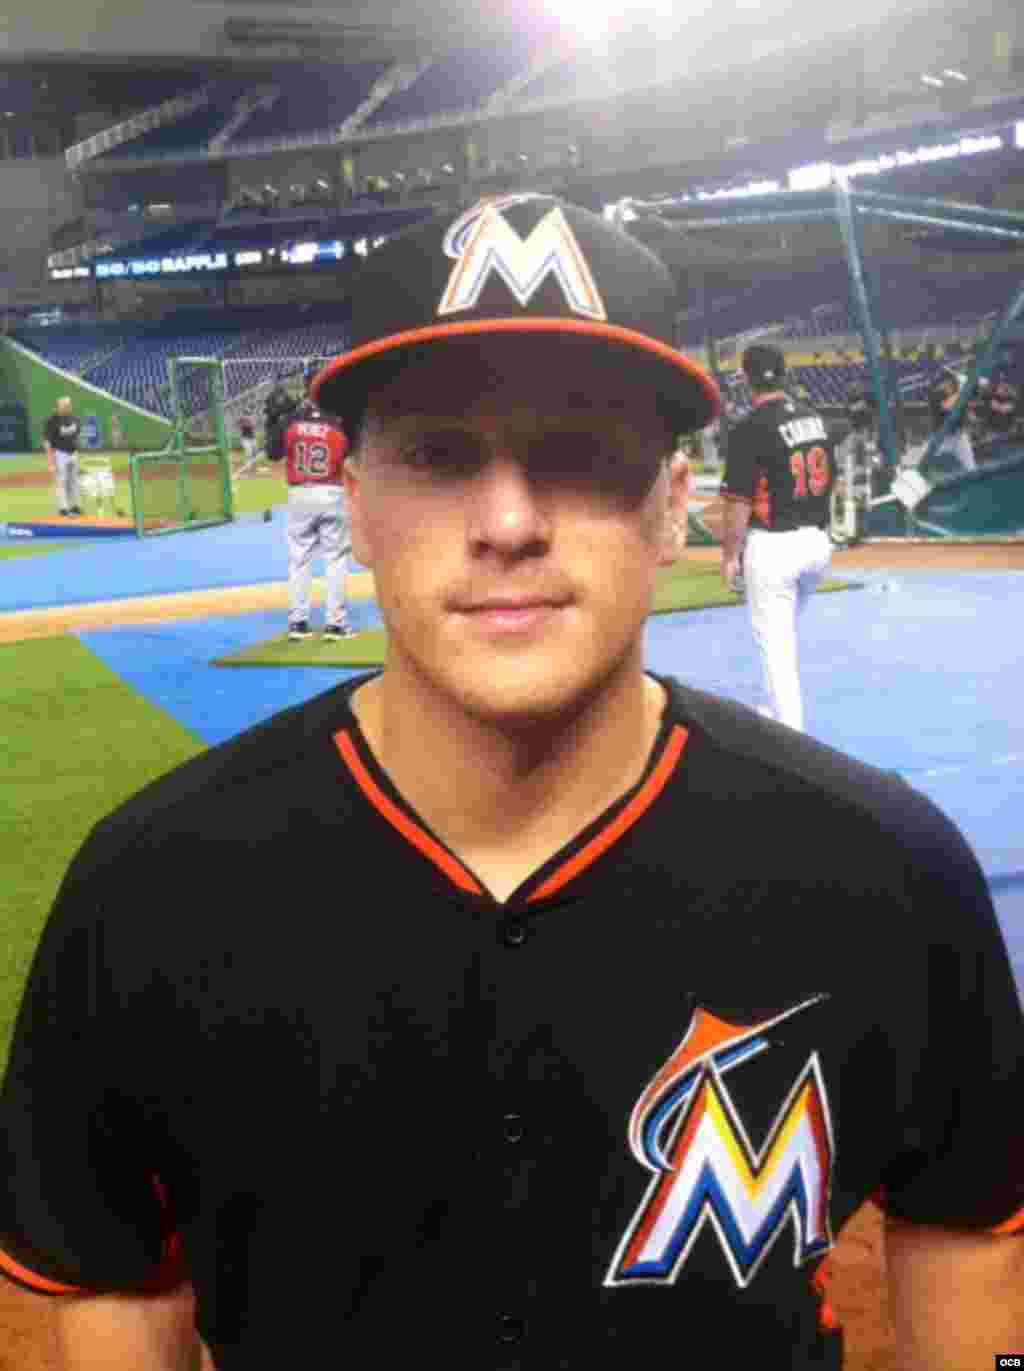 El prospecto boricua-cubano Kiki Hernandez aspira a ganar una Serie Mundial con el equipo de los Marlins de Miami.